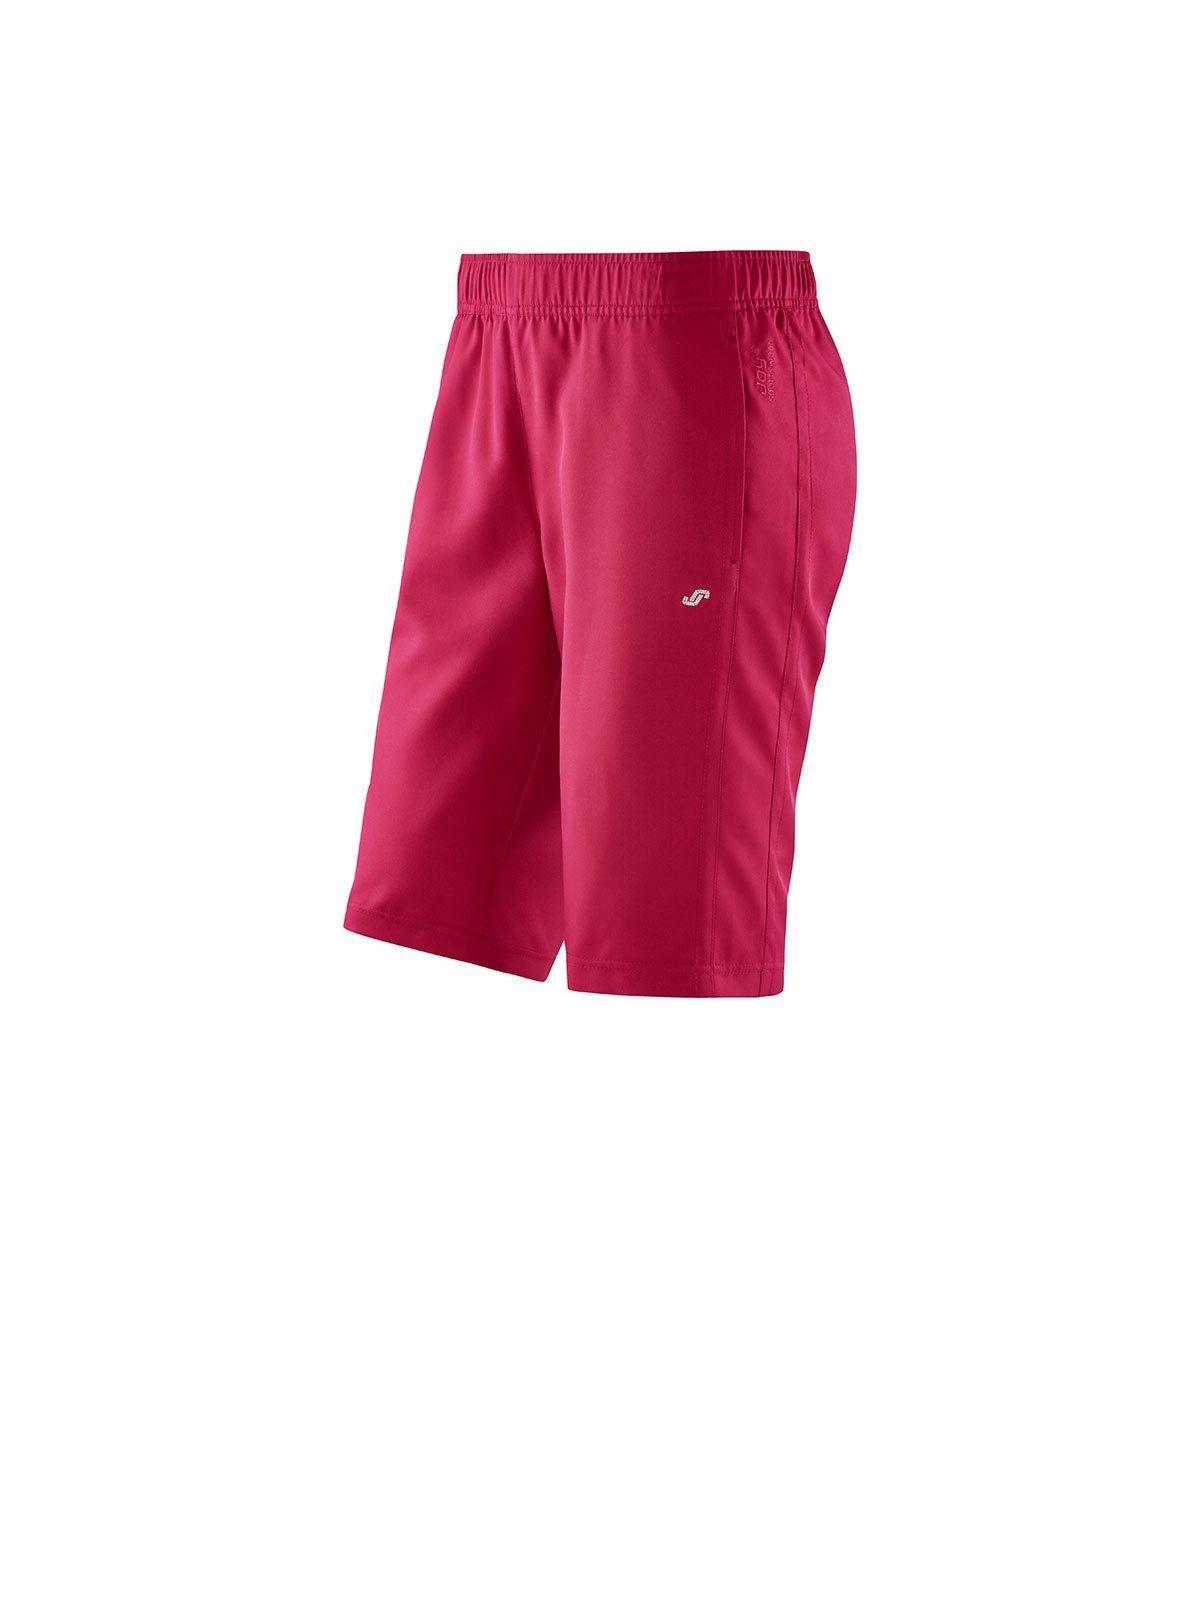 Joy Sportswear Bermudas RANIA | Sportbekleidung > Sporthosen > Sportbermudas | Rosa | Joy Sportswear